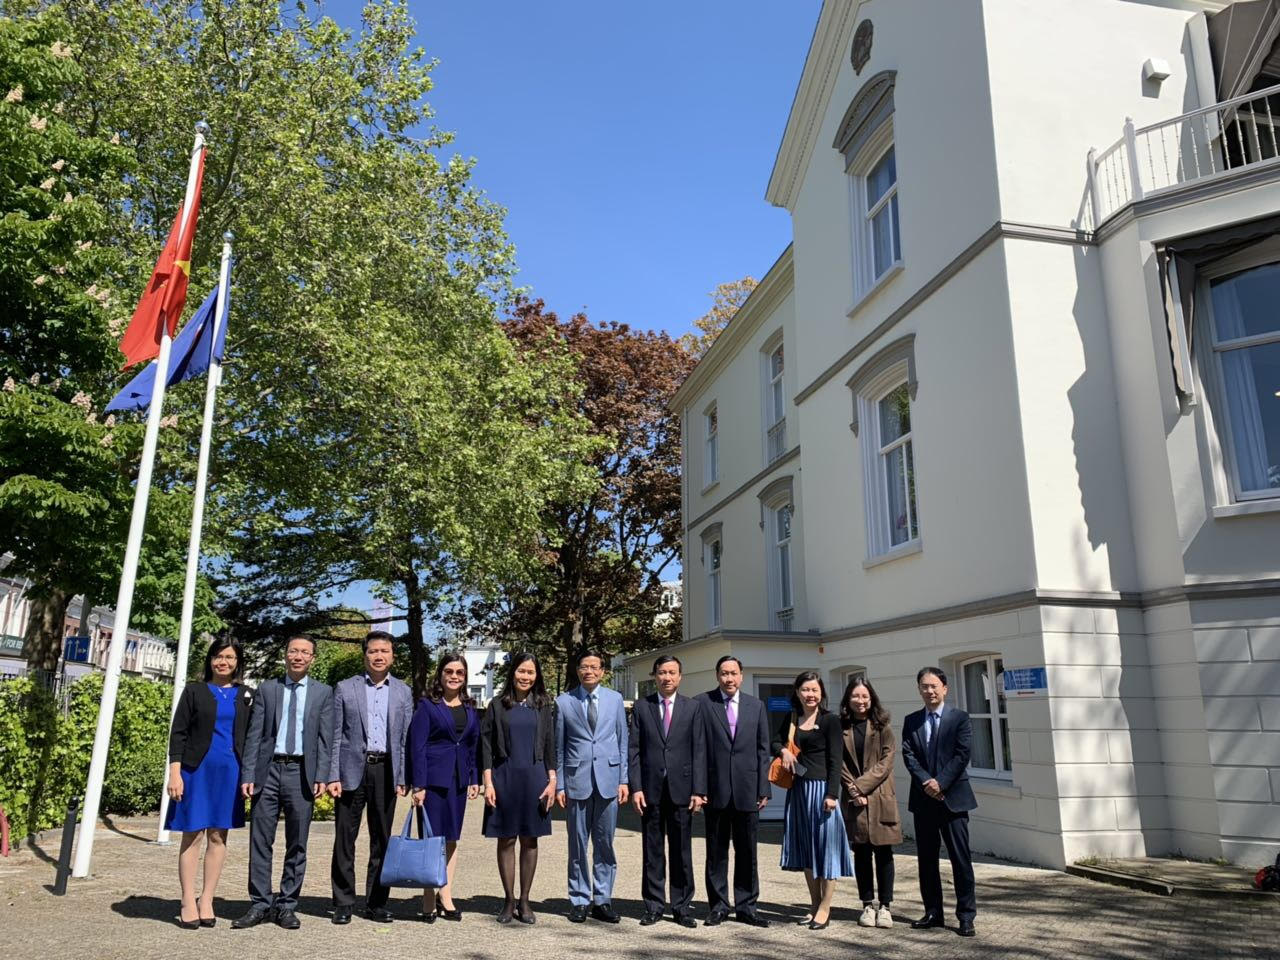 Đoàn Uỷ ban Pháp luật Quốc hội thăm làm việc tại Hà Lan